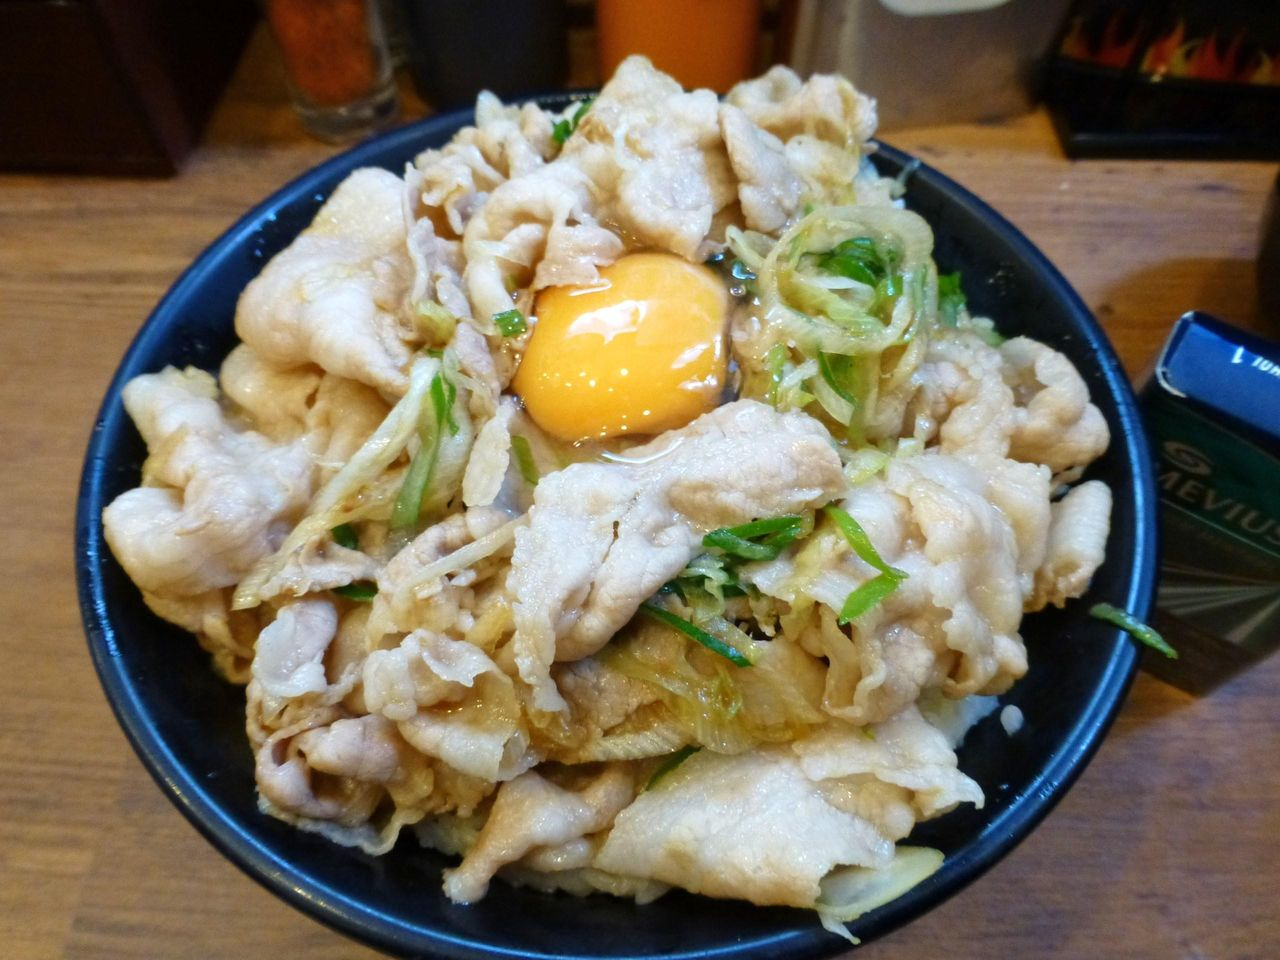 豚バラ肉を生姜ダレで炒めて、ネギを加えてあります!